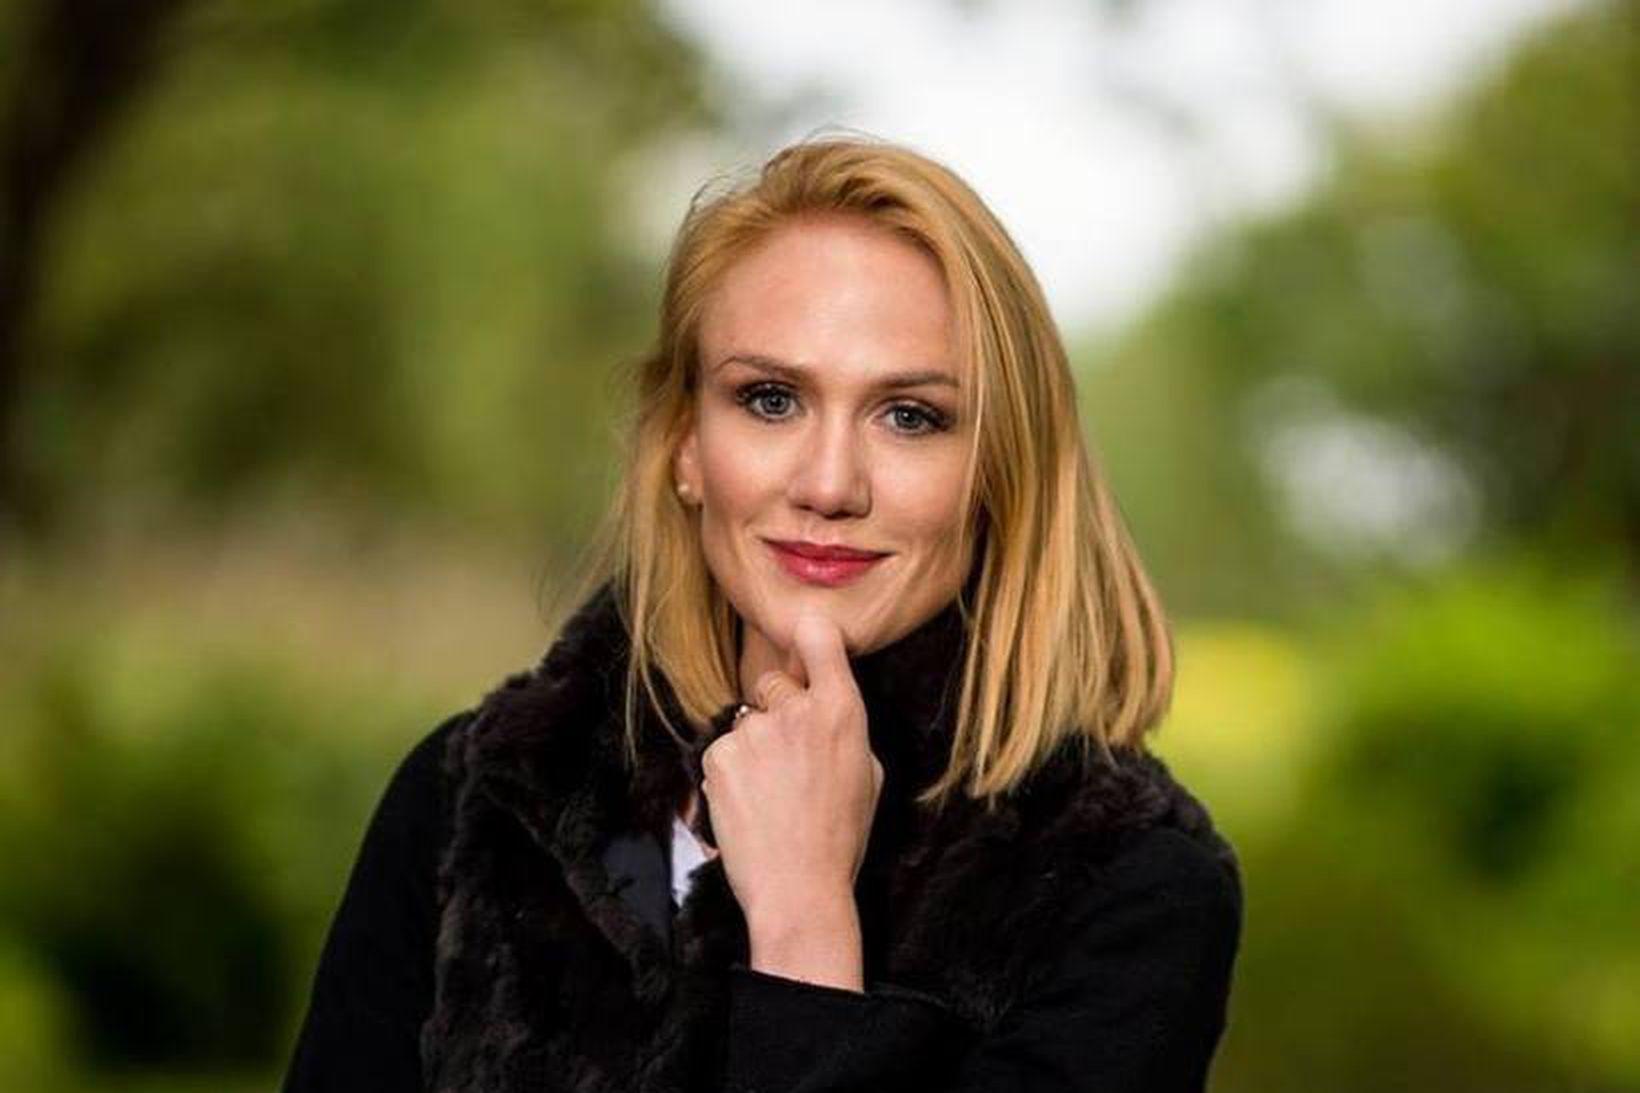 Hanna Kristín Skaftadóttir flýtti ferð sinni til Íslands vegna kórónuveirunnar.